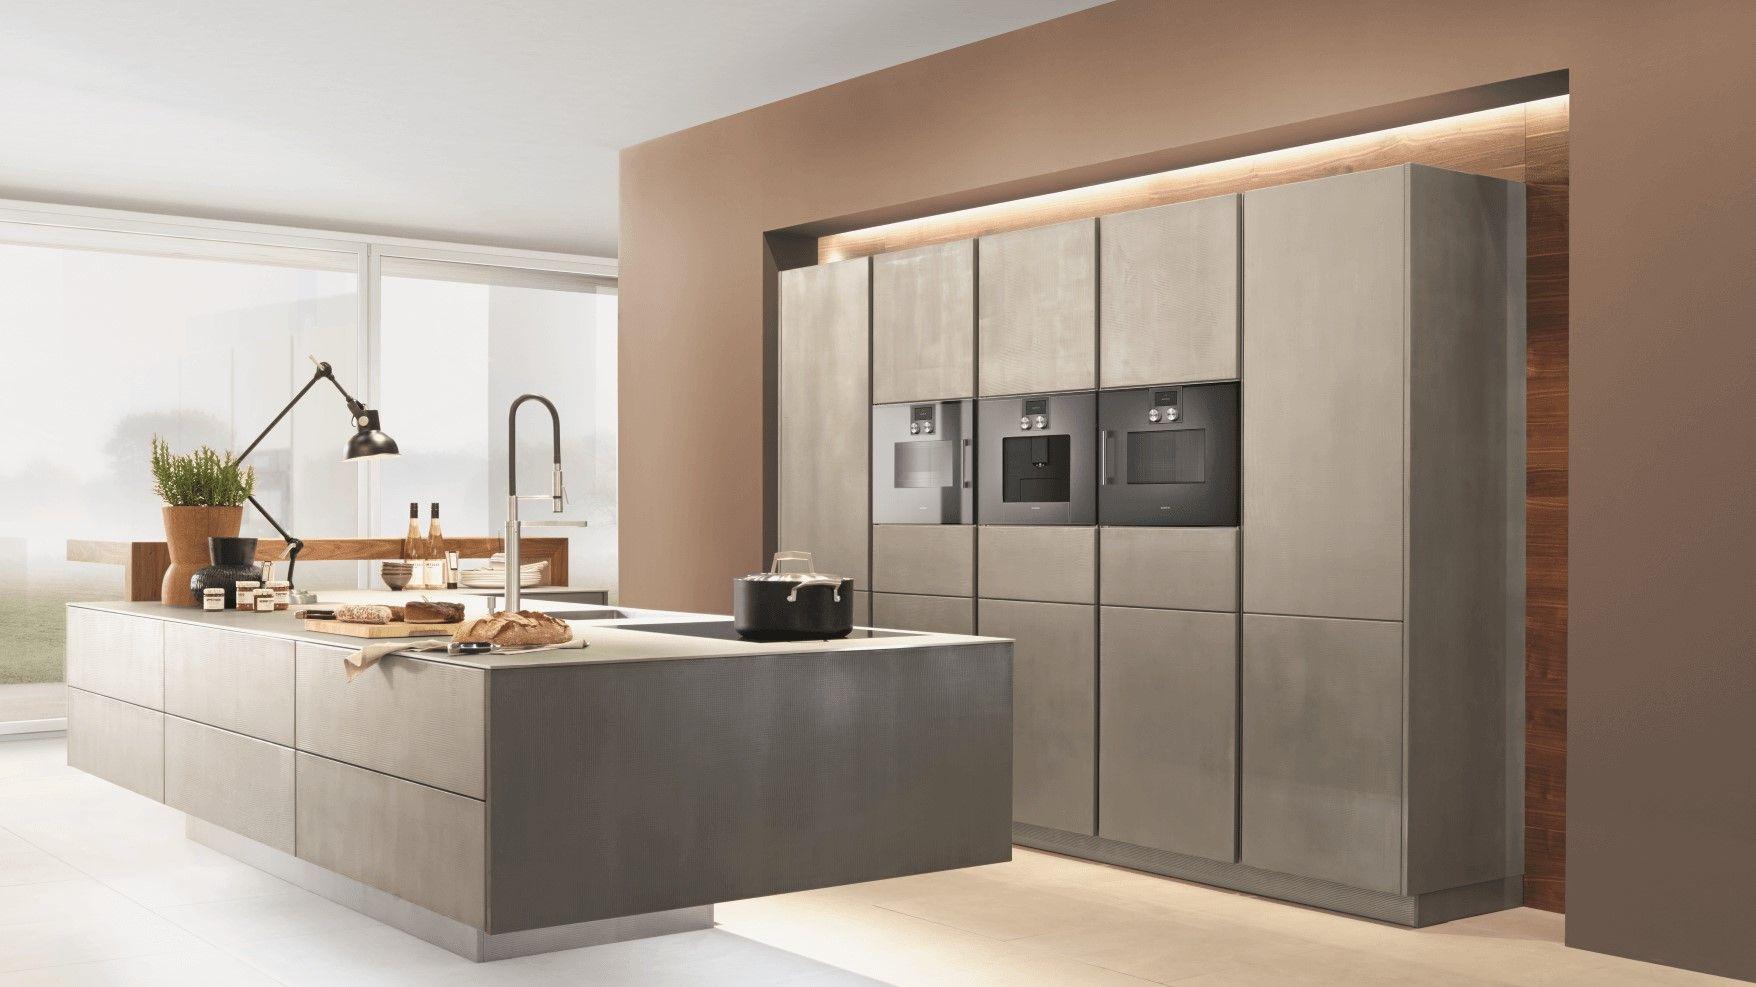 Krüper Küchen – Lust auf gute Küche?   Küche   Pinterest   Küche ...